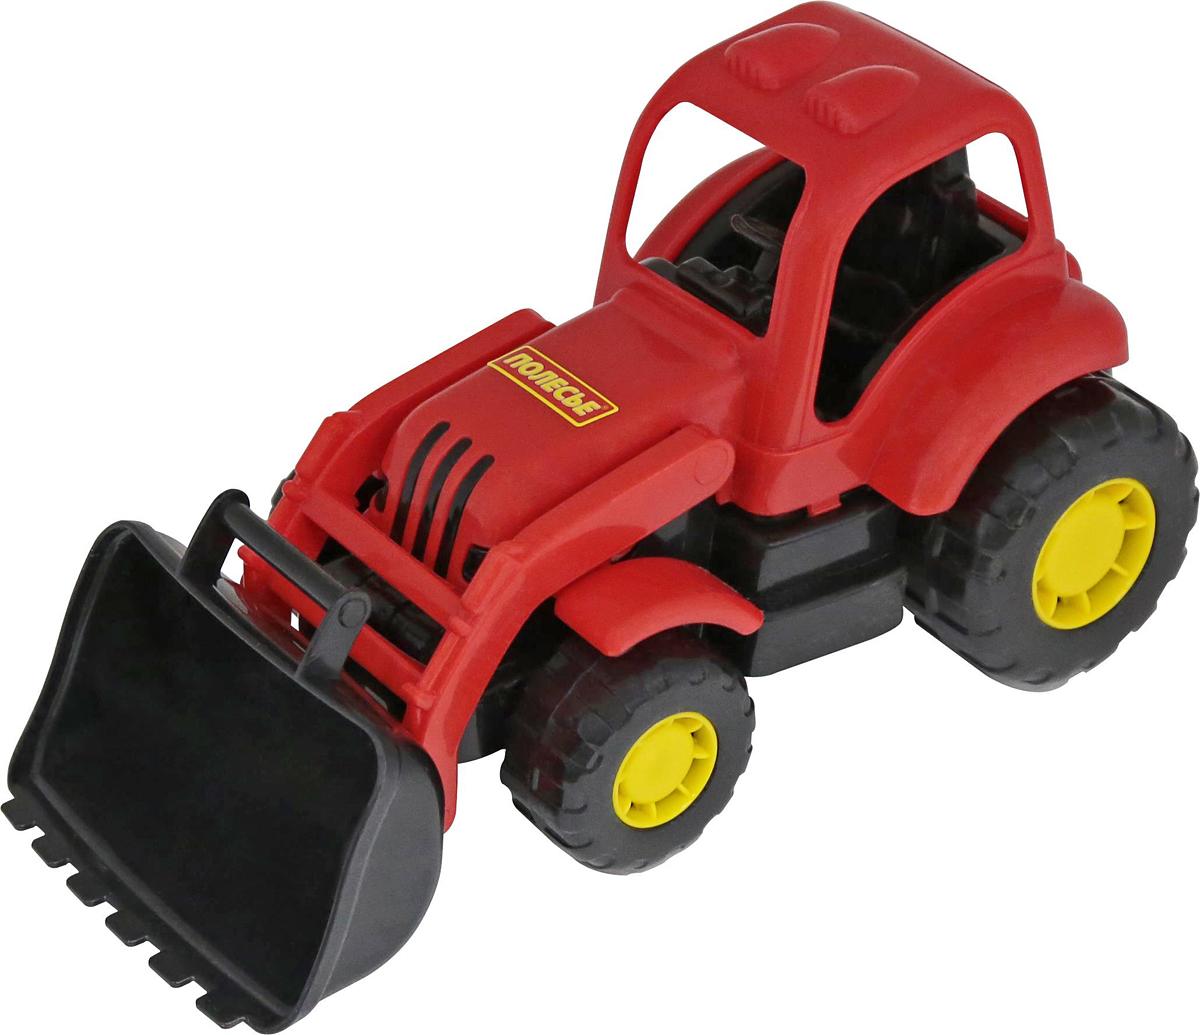 Полесье Трактор-погрузчик Крепыш цвет красный игрушка полесье крепыш 44549